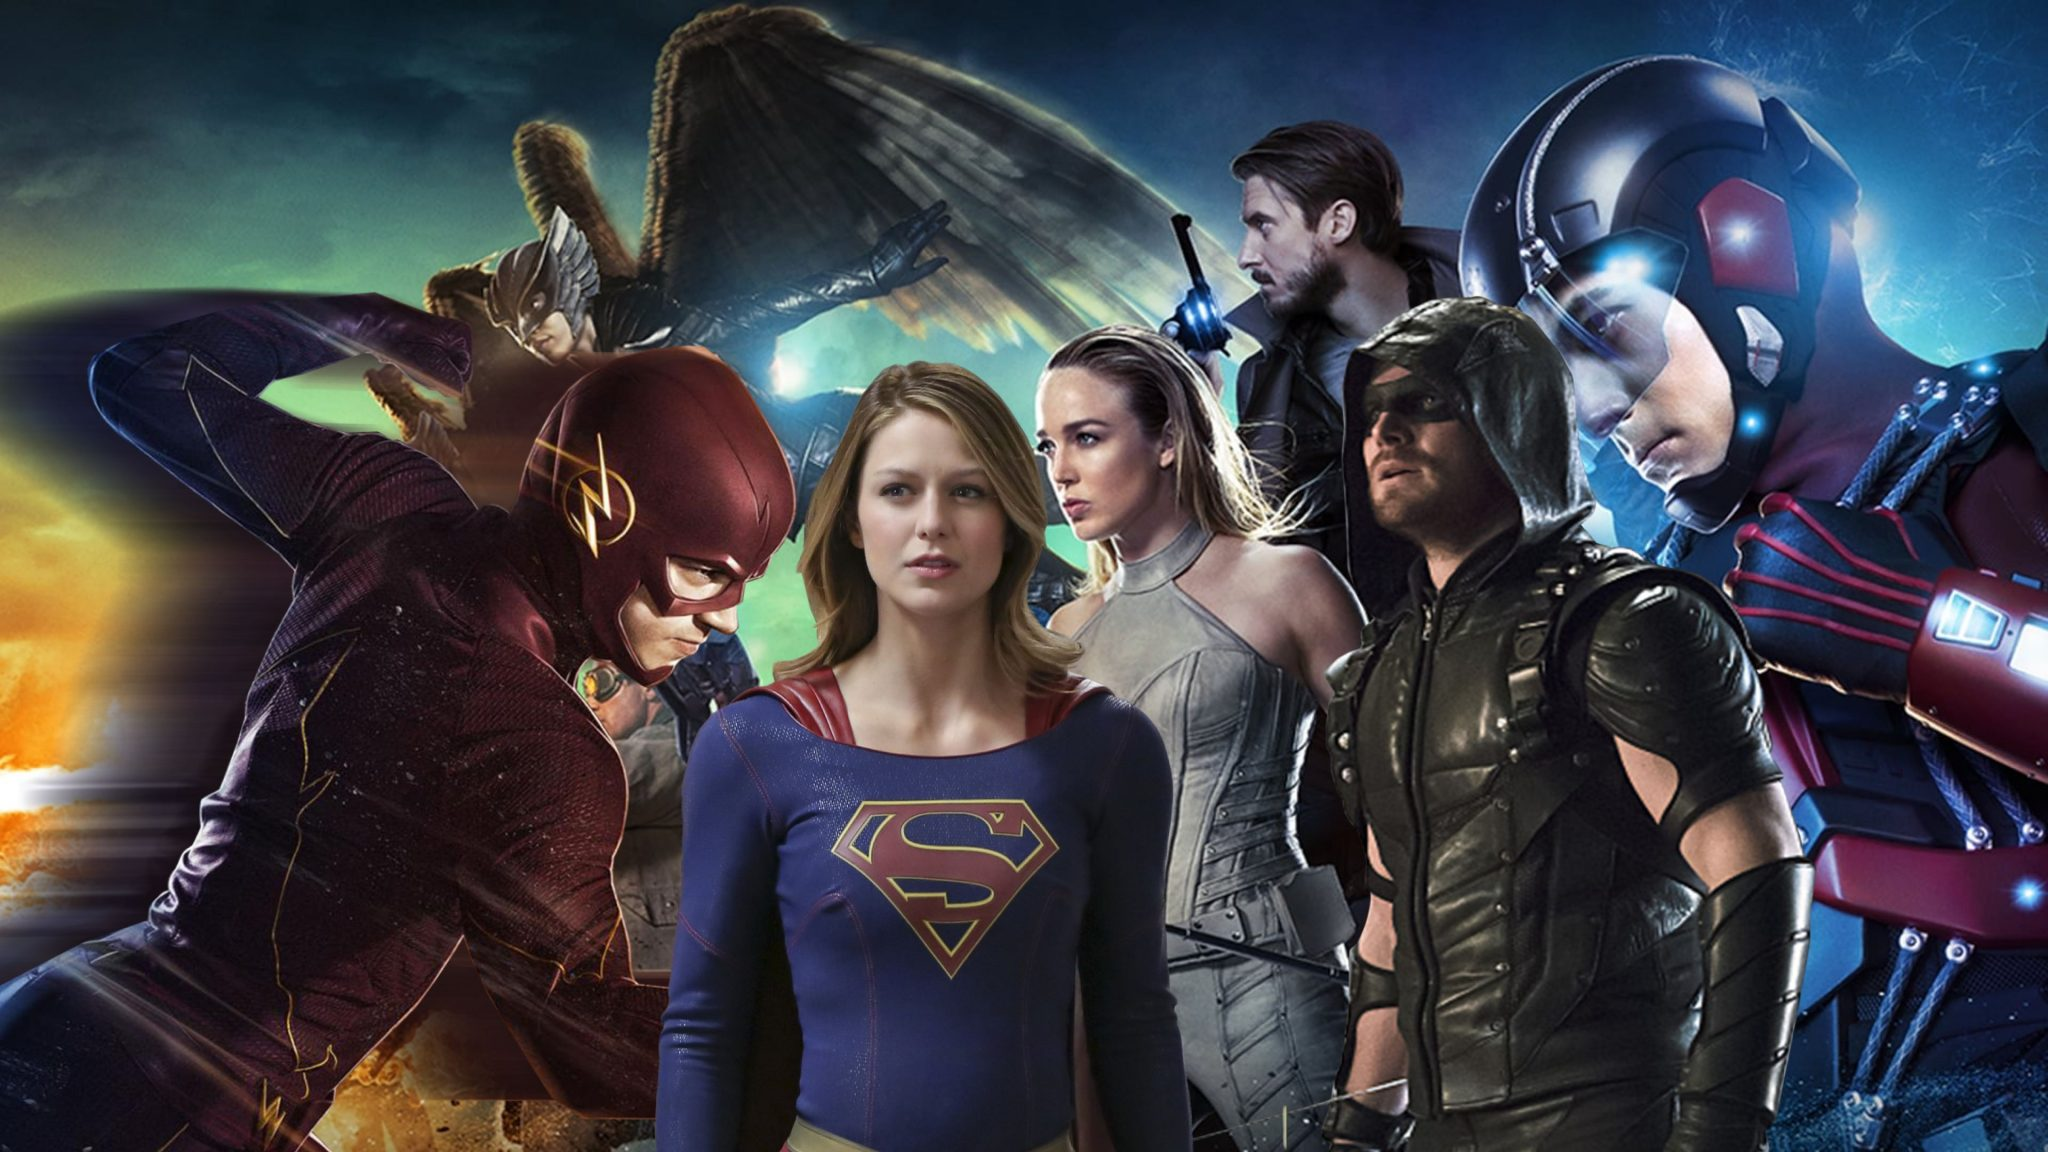 arrowverso crossover 2017 - El crossover del Arrowverso podría tener otro gran kryptoniano